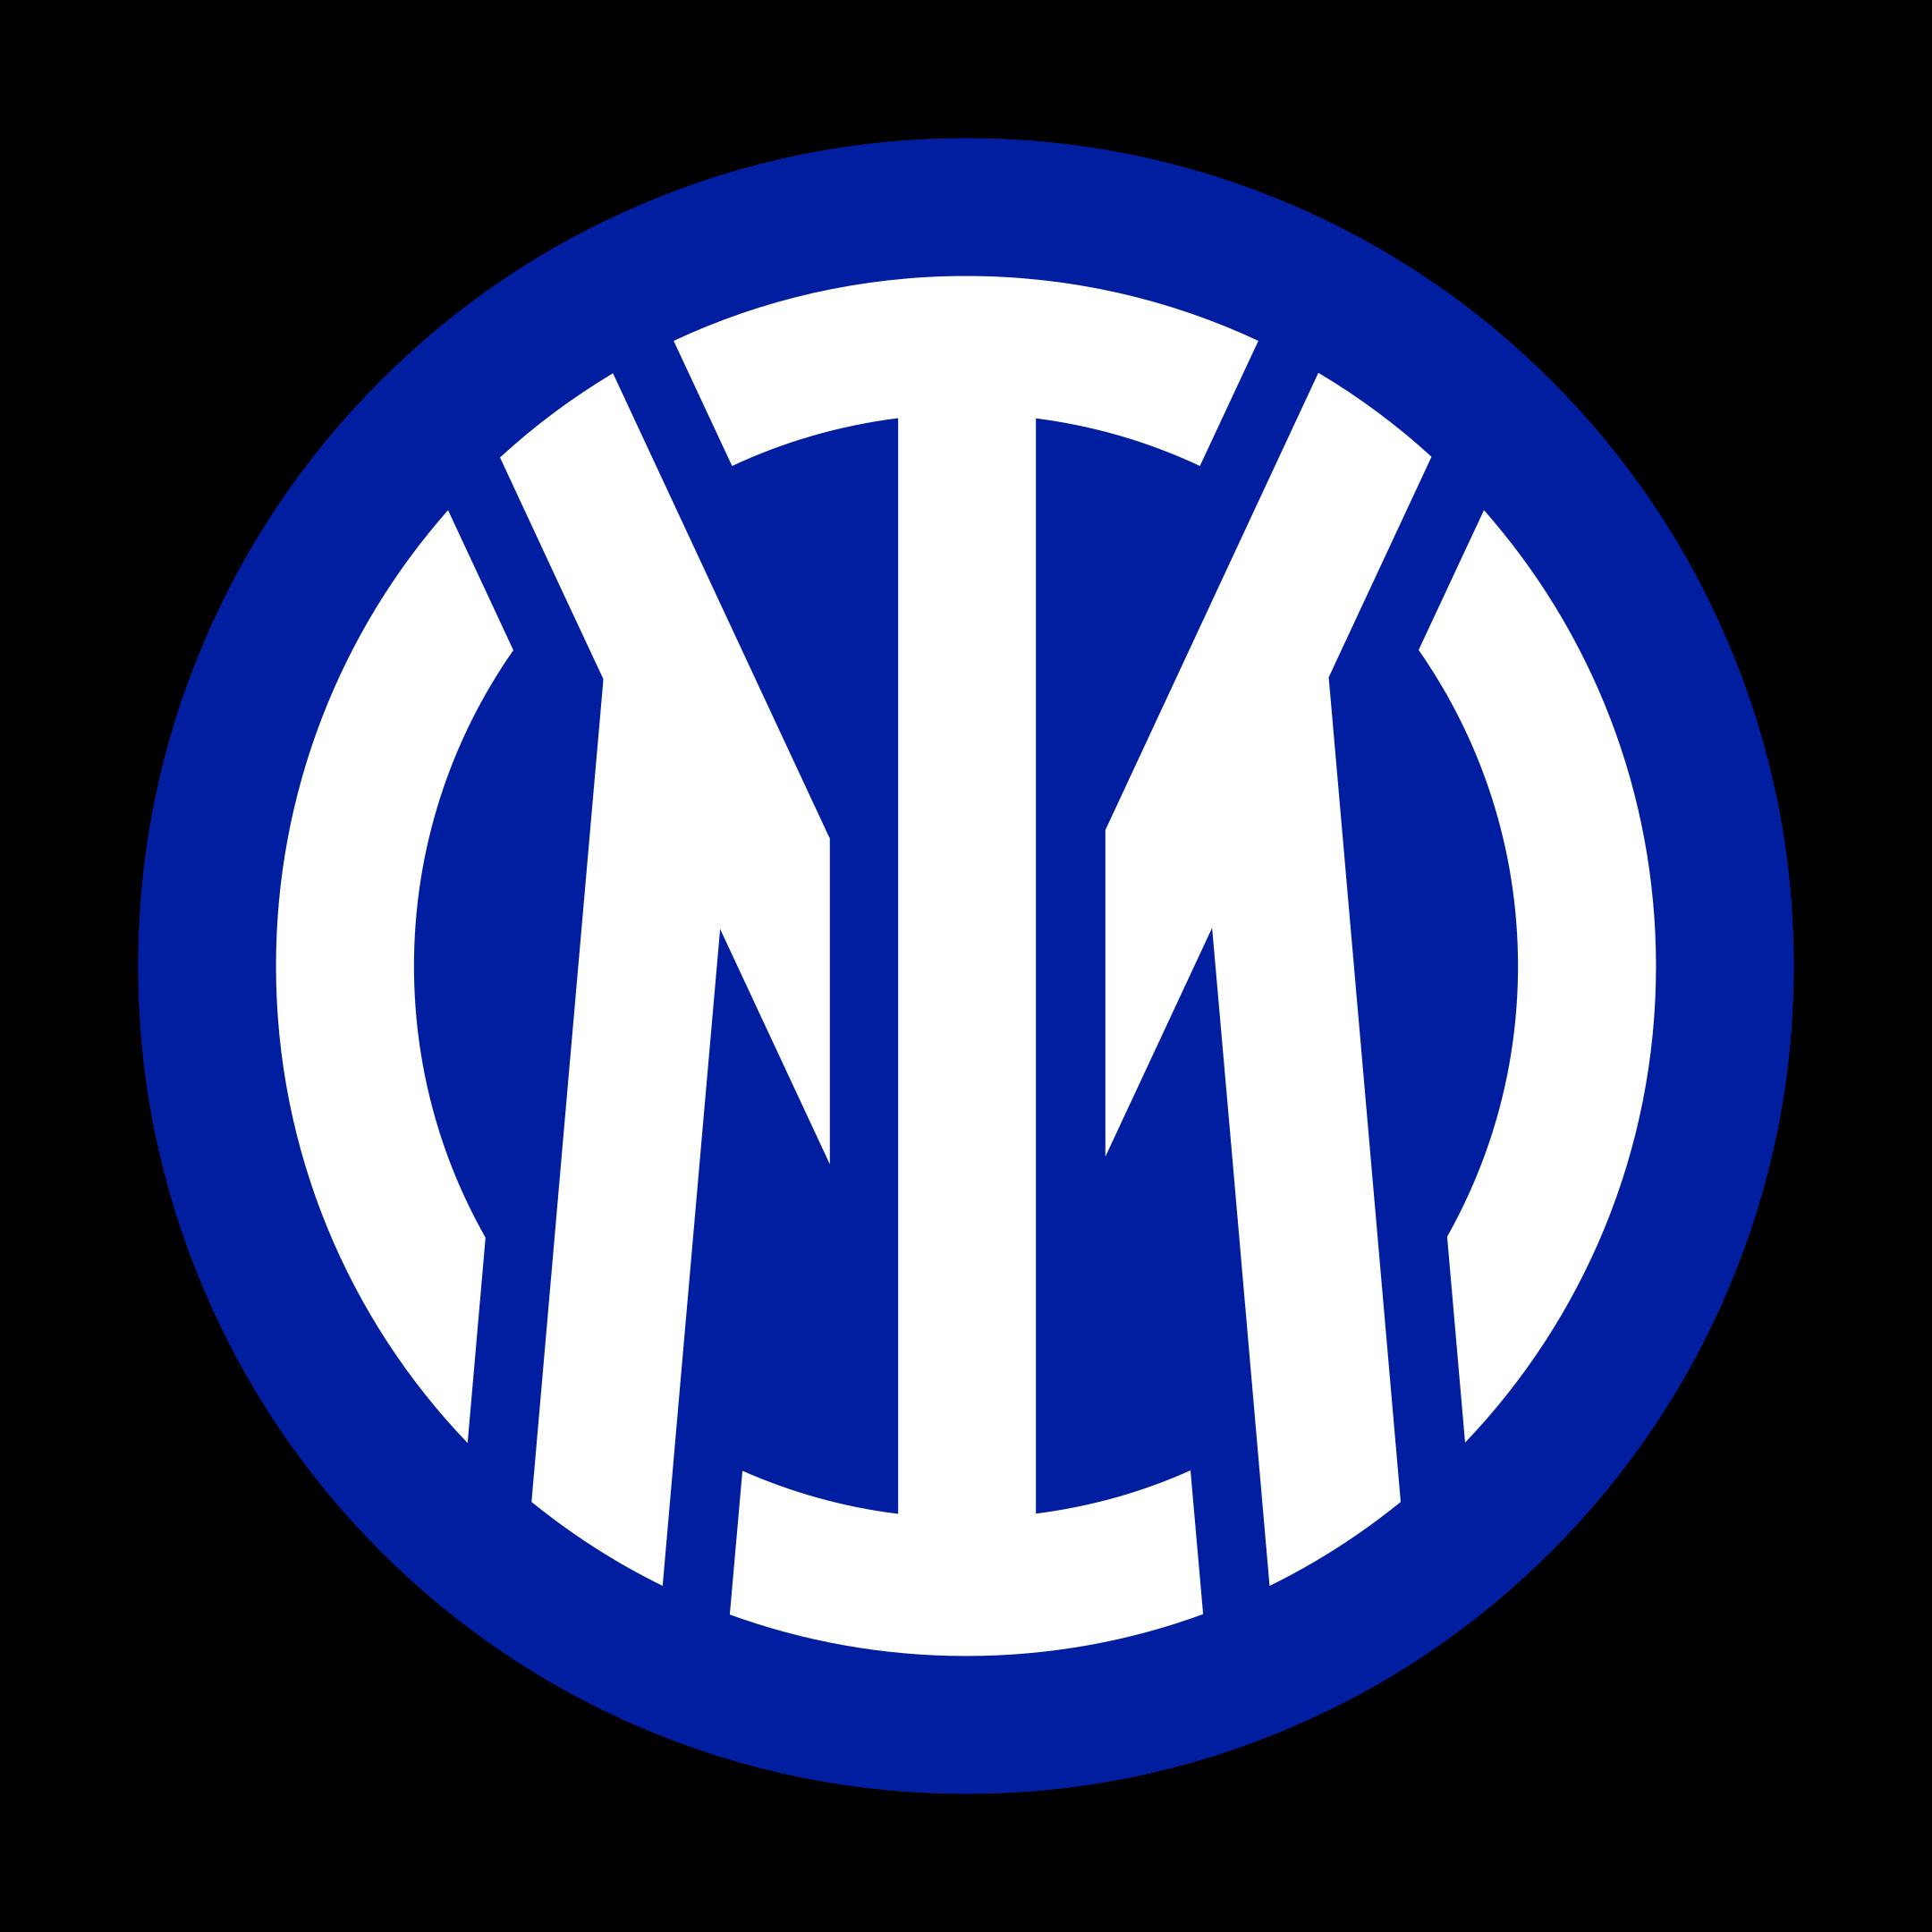 inter milan logo 1 - Inter Milan - Internazionale Logo